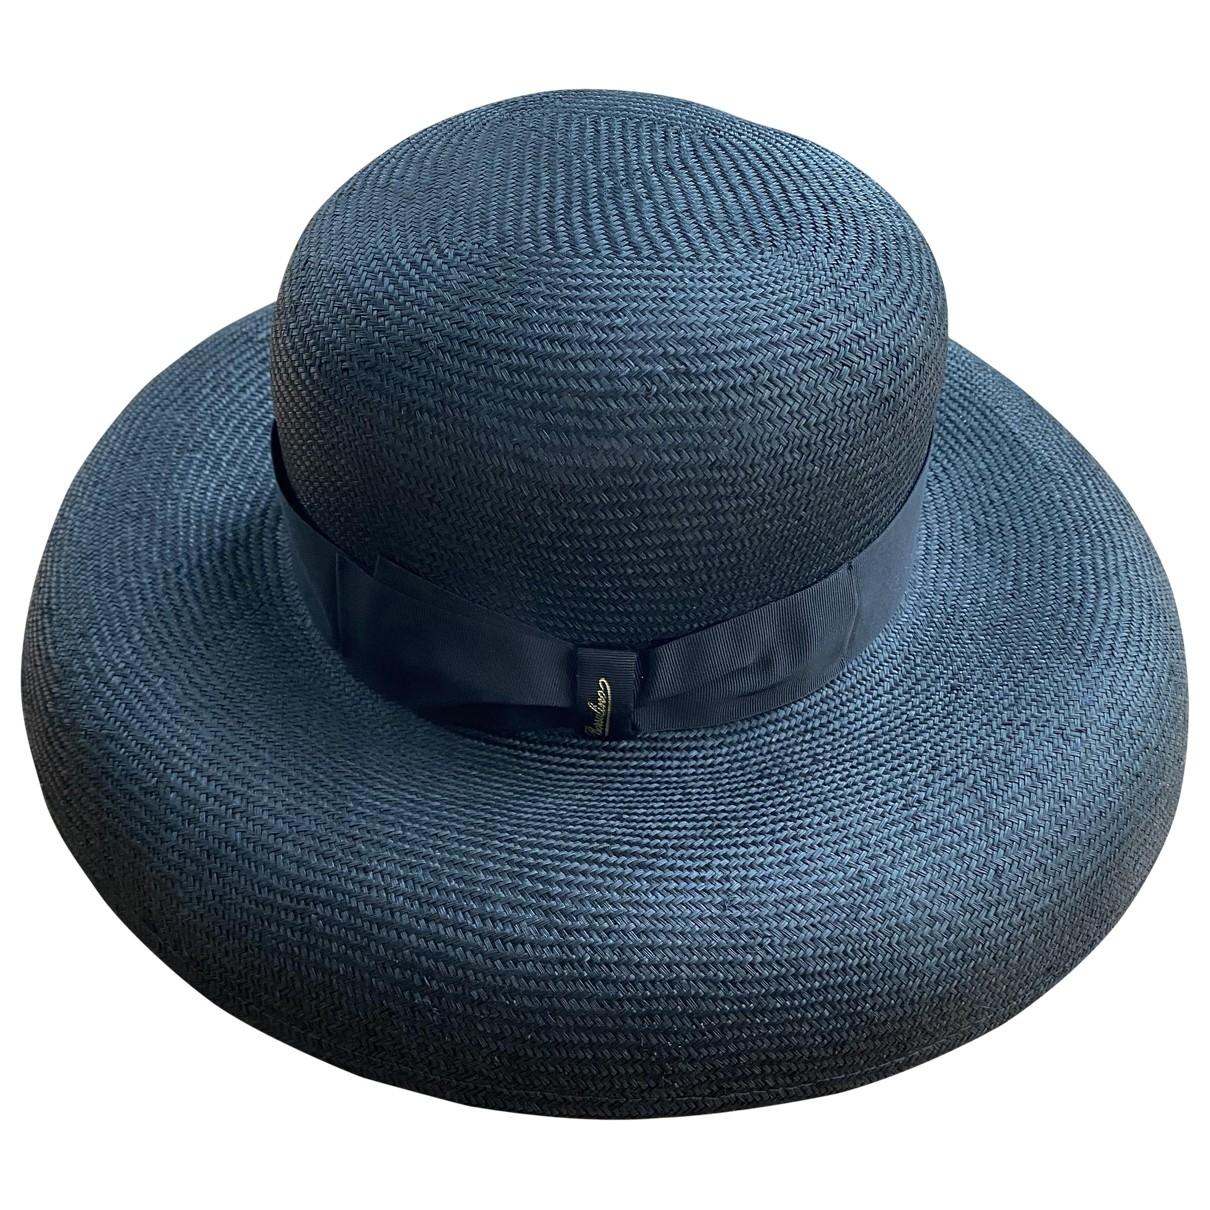 Borsalino - Chapeau   pour femme en paille - anthracite